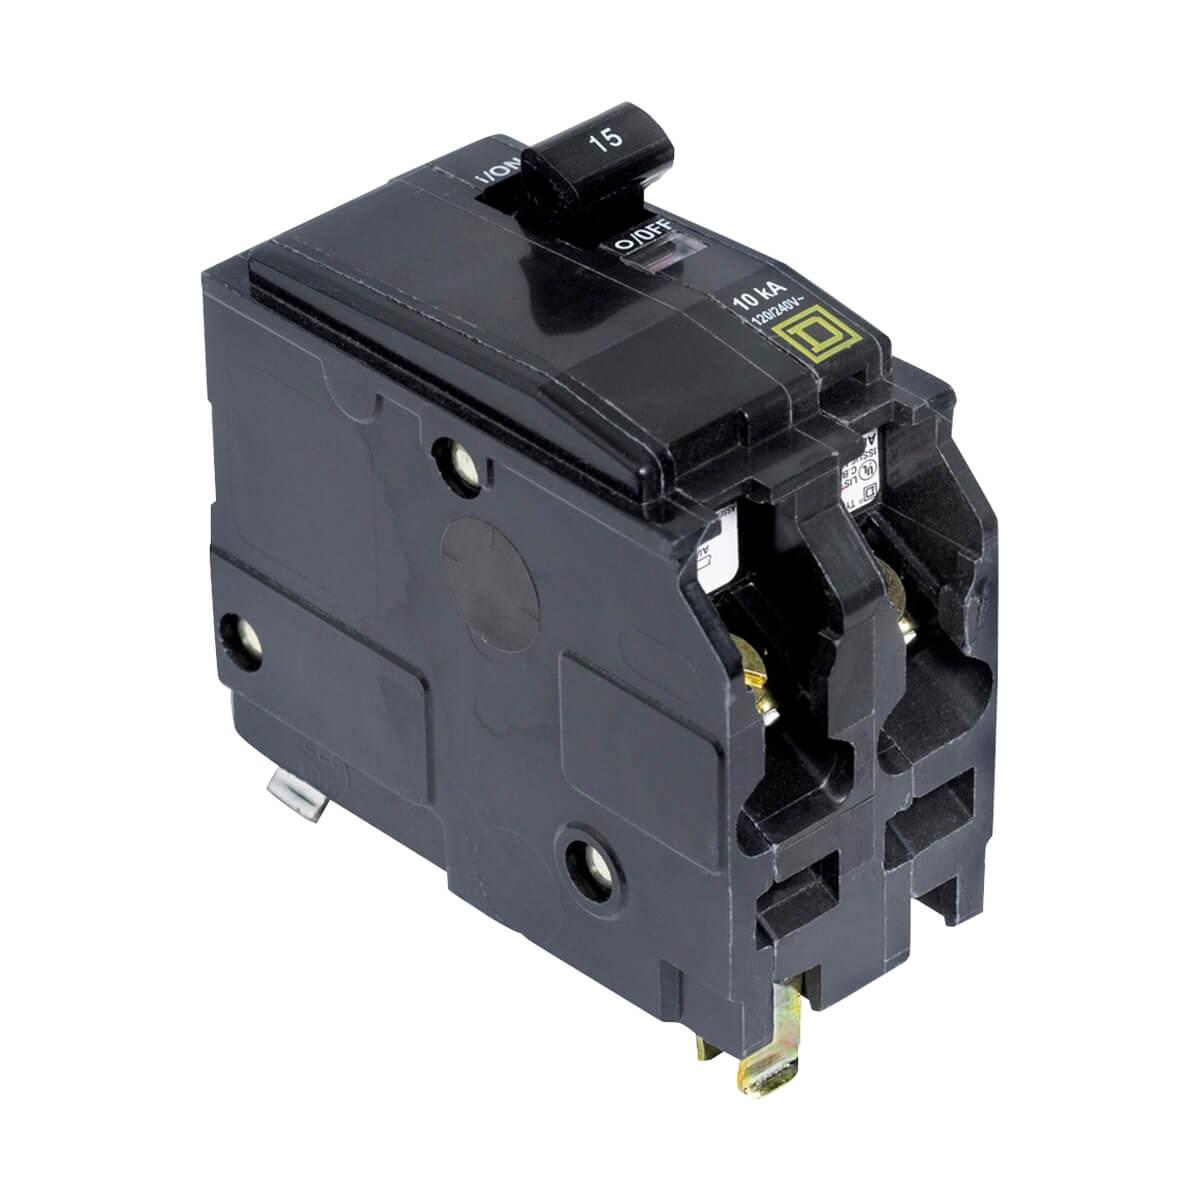 Circuit Breaker - 120/240 VAC - 15A